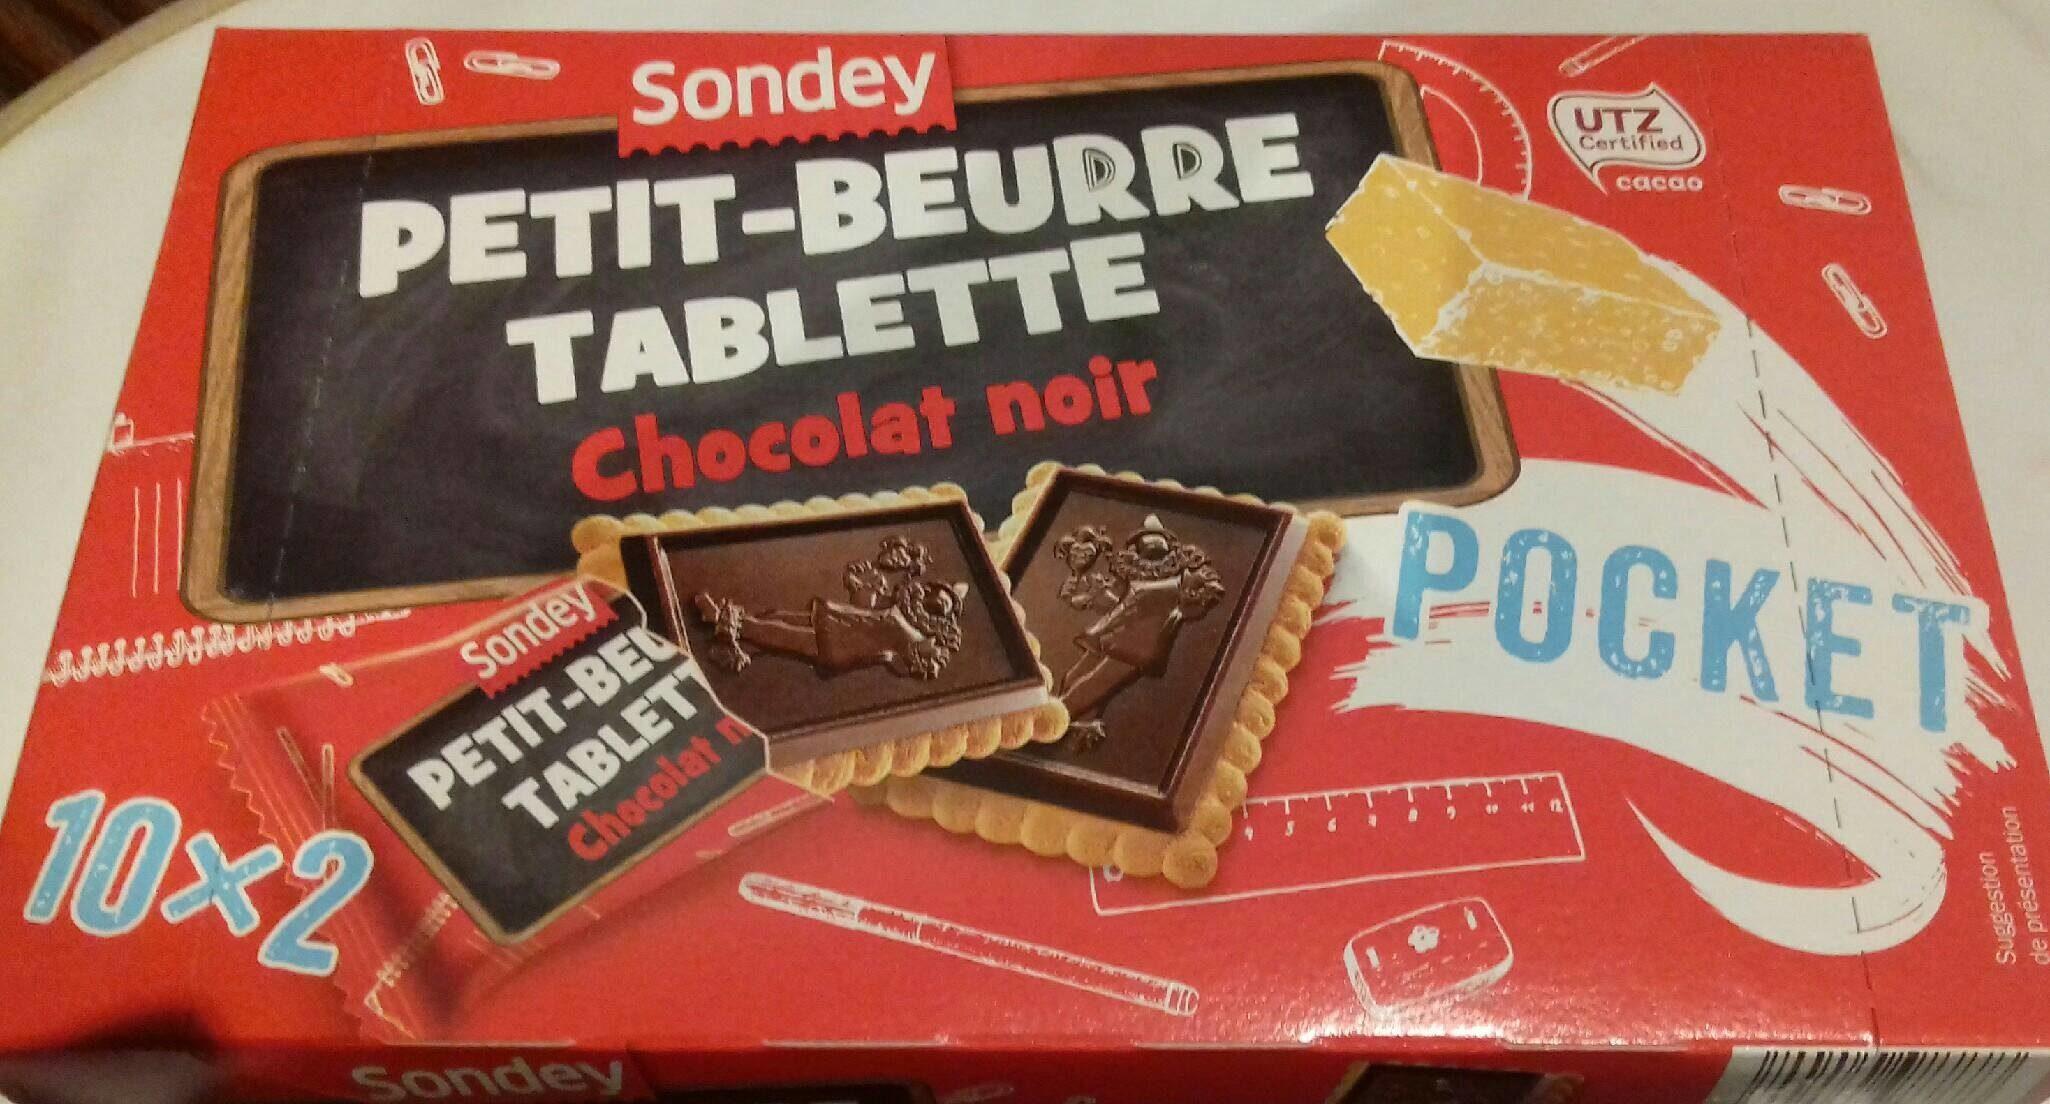 Petit-beurre tablette chocolat noir - Product - fr